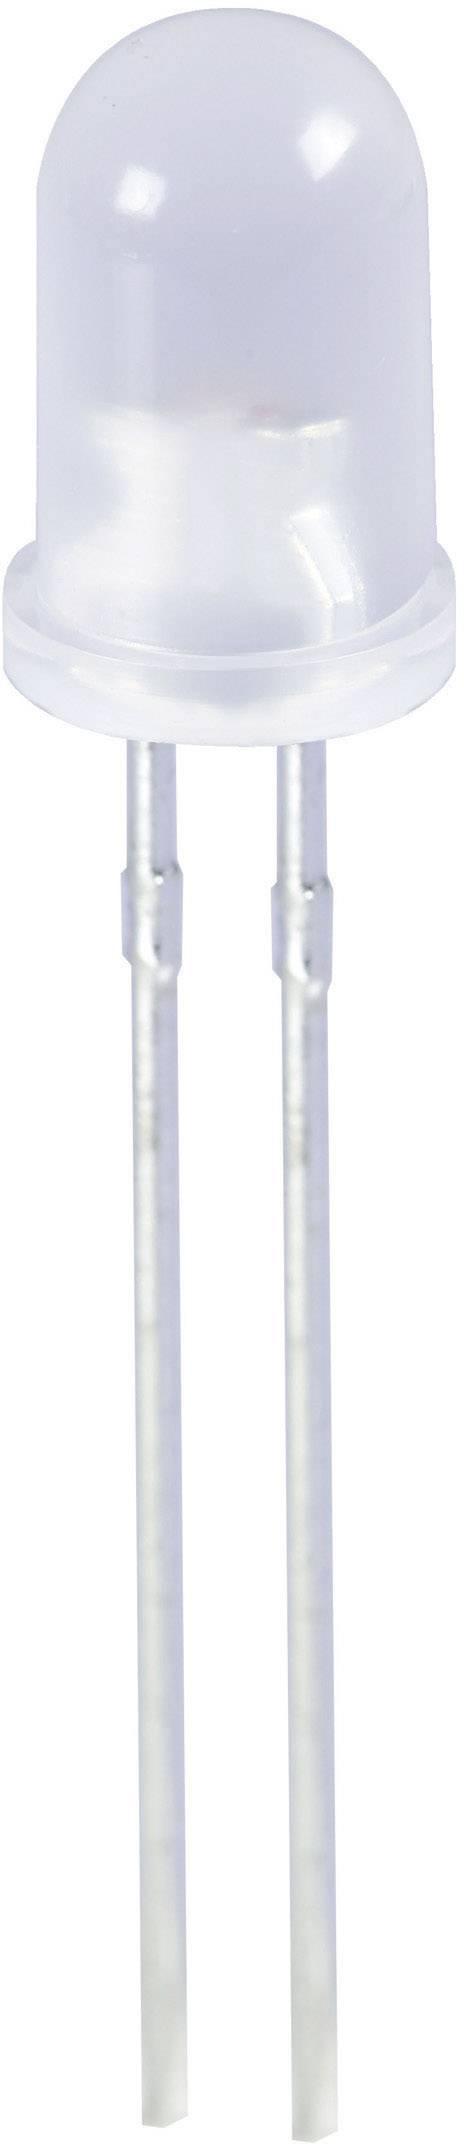 ViacfarebnáLED Kingbright L-57YYD, typ čočky guľatý, 5 mm, 60 °, 20 mA, 12 mcd, 12 mcd, 2.1 V, žltá, žltá